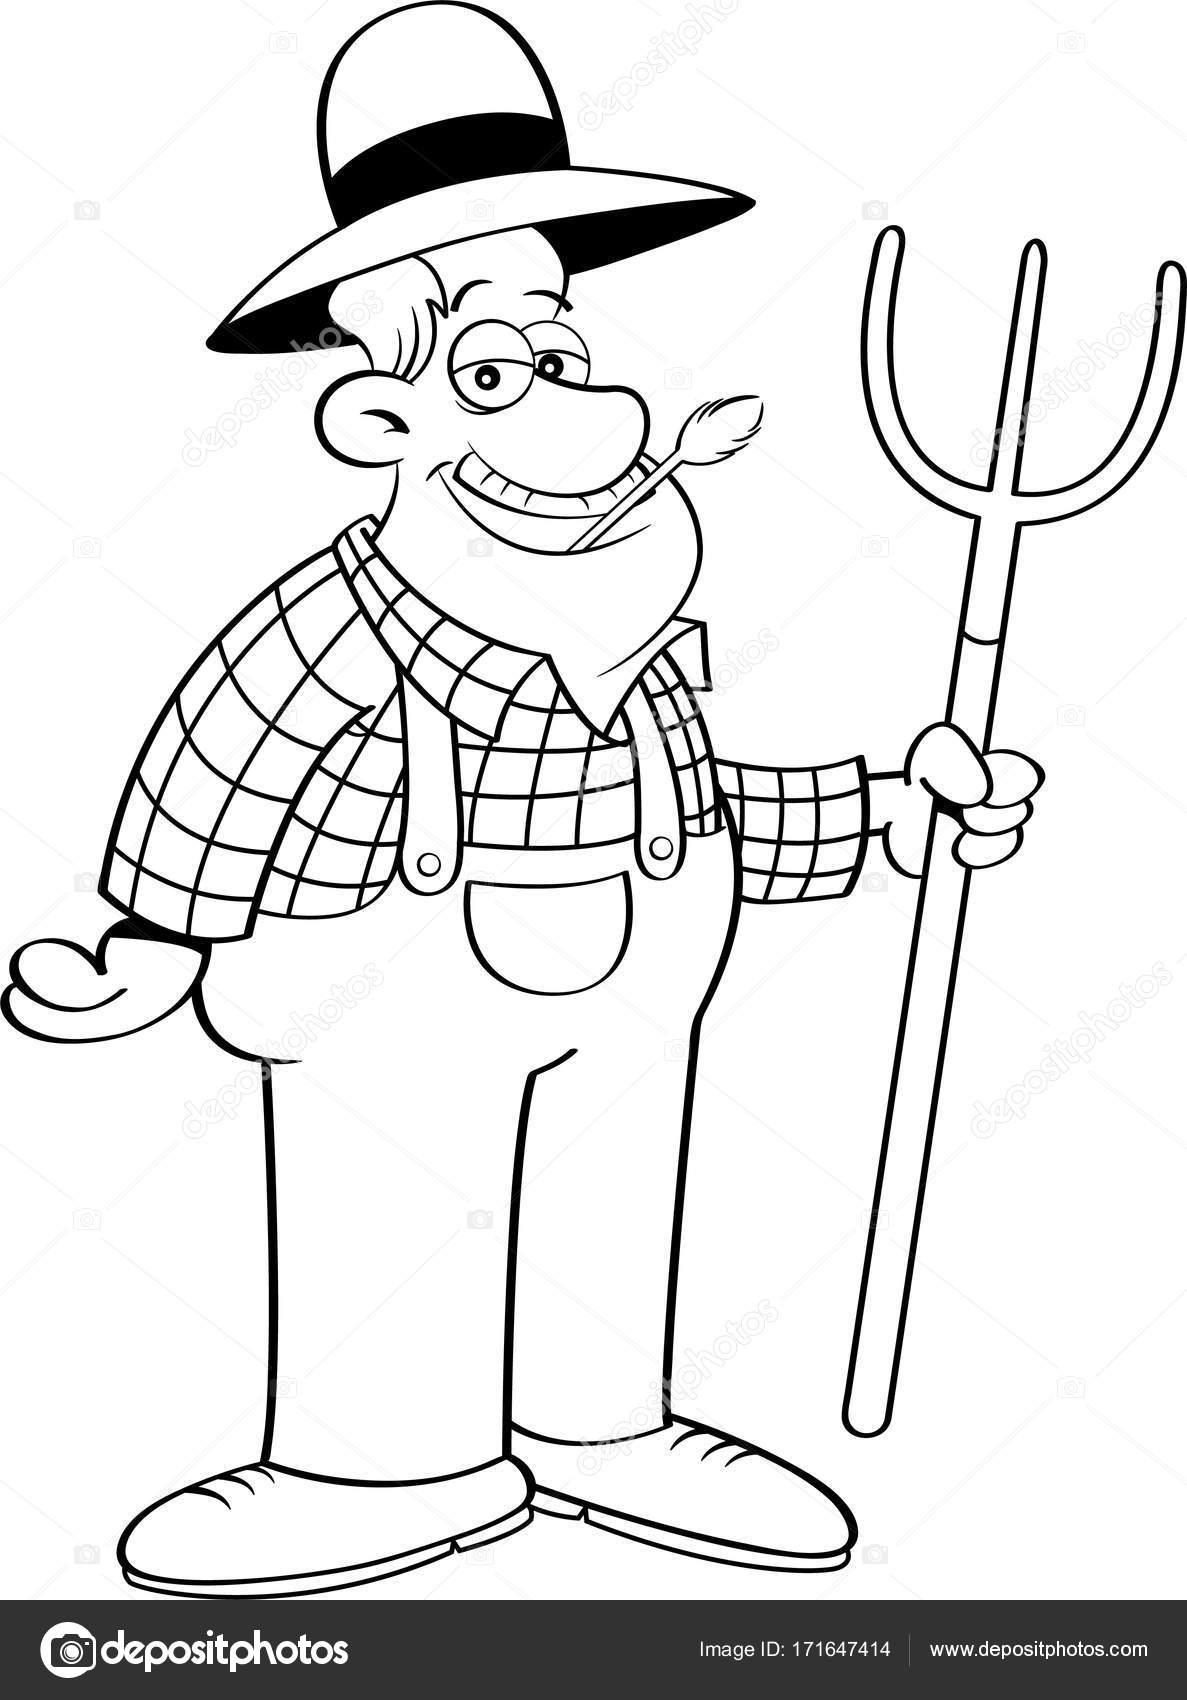 1187x1700 Cartoon Farmer Holding A Pitchfork. Stock Vector Kenbenner